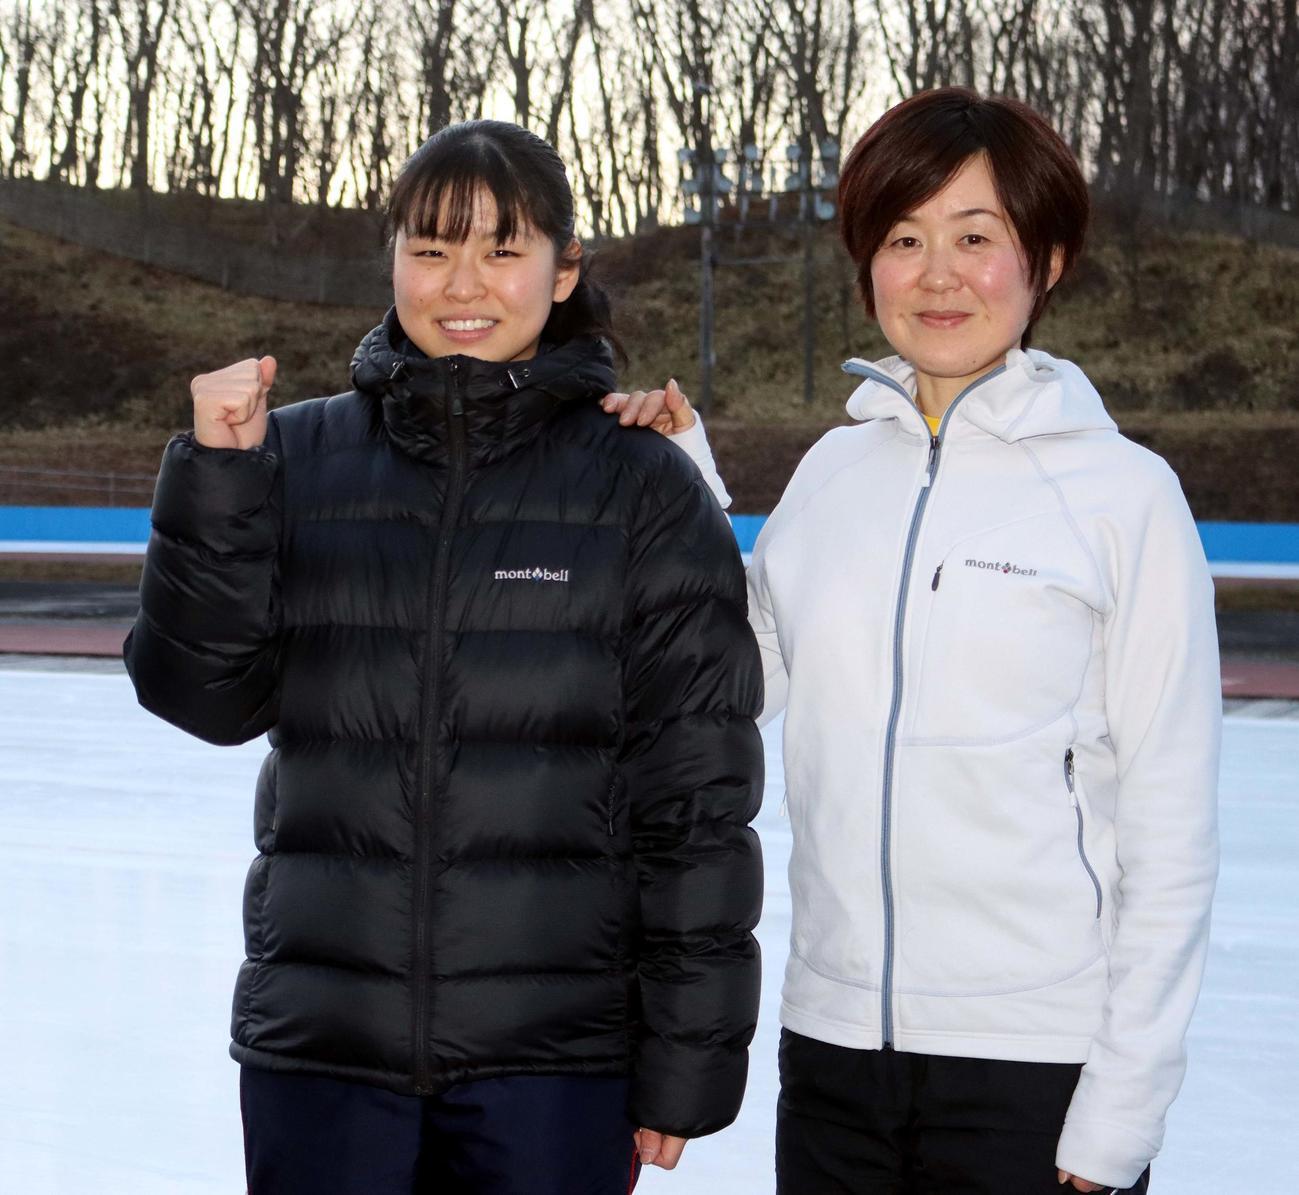 女子500メートルで初優勝し田畑監督と喜ぶ駒大苫小牧の清水(左)(撮影・永野高輔)